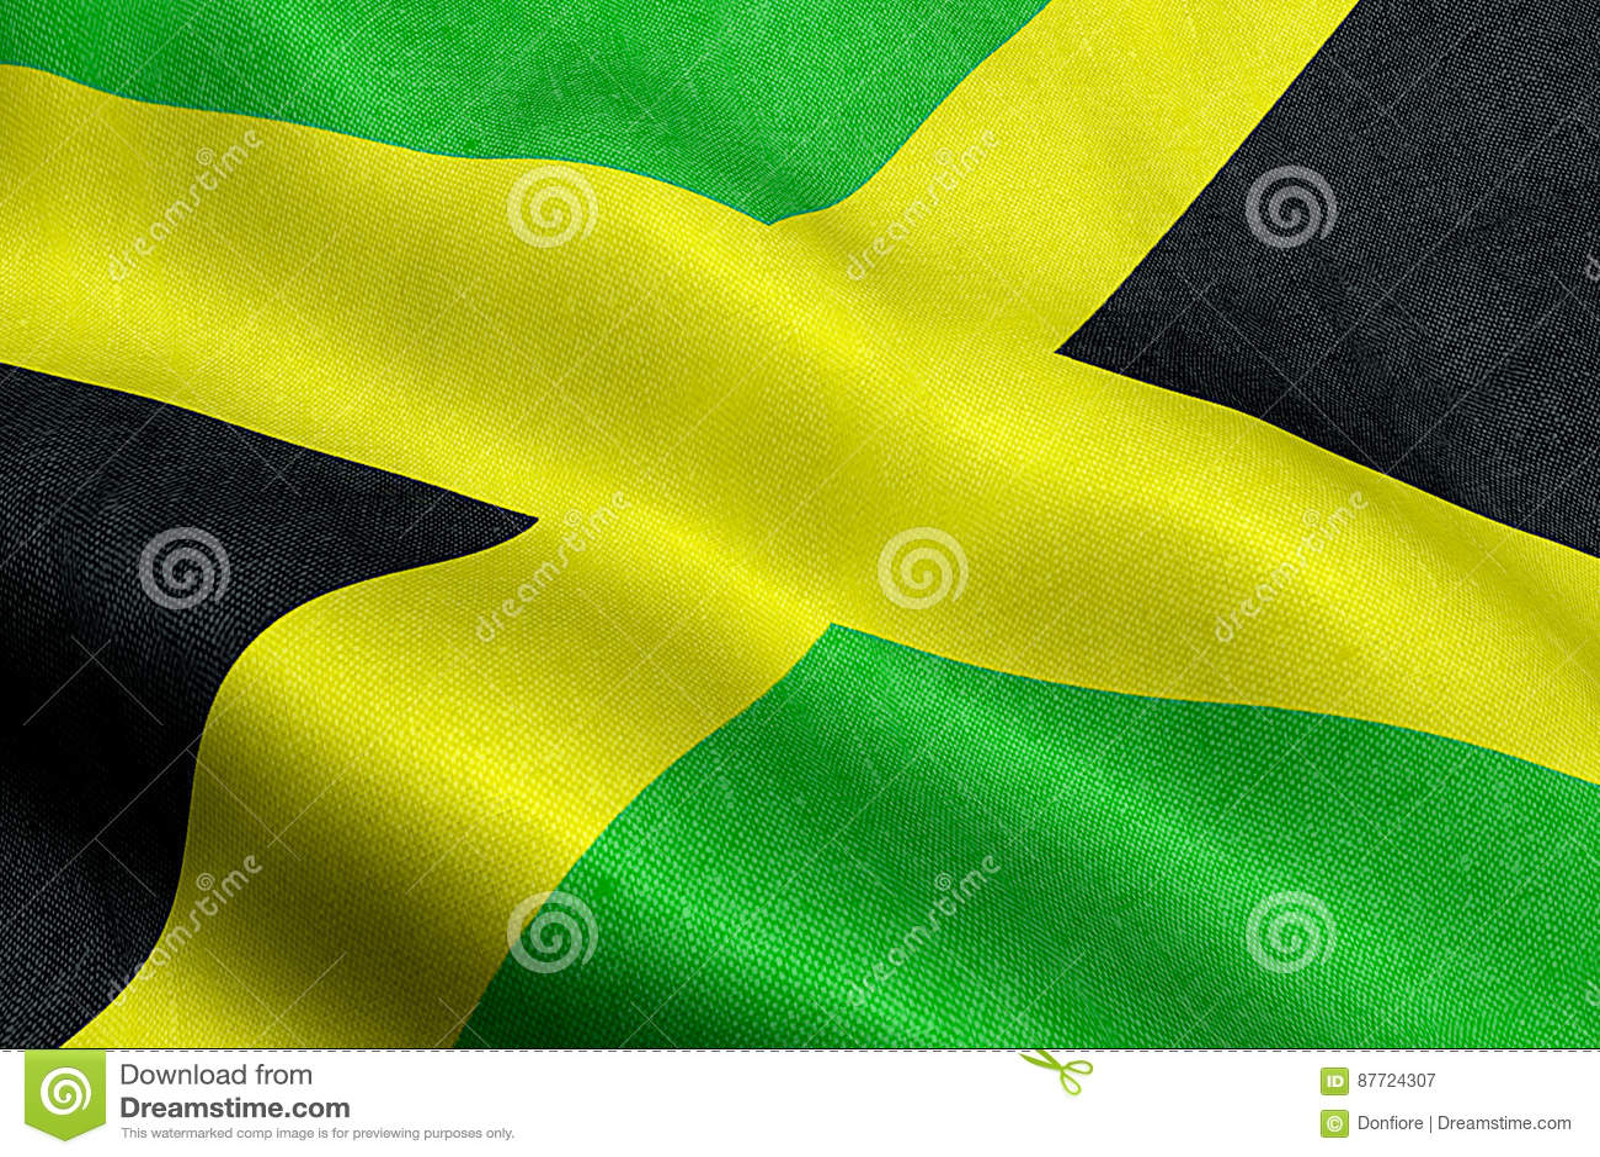 Closeup Of Waving Jamaica Flag Cross Stripes National Symbol Of